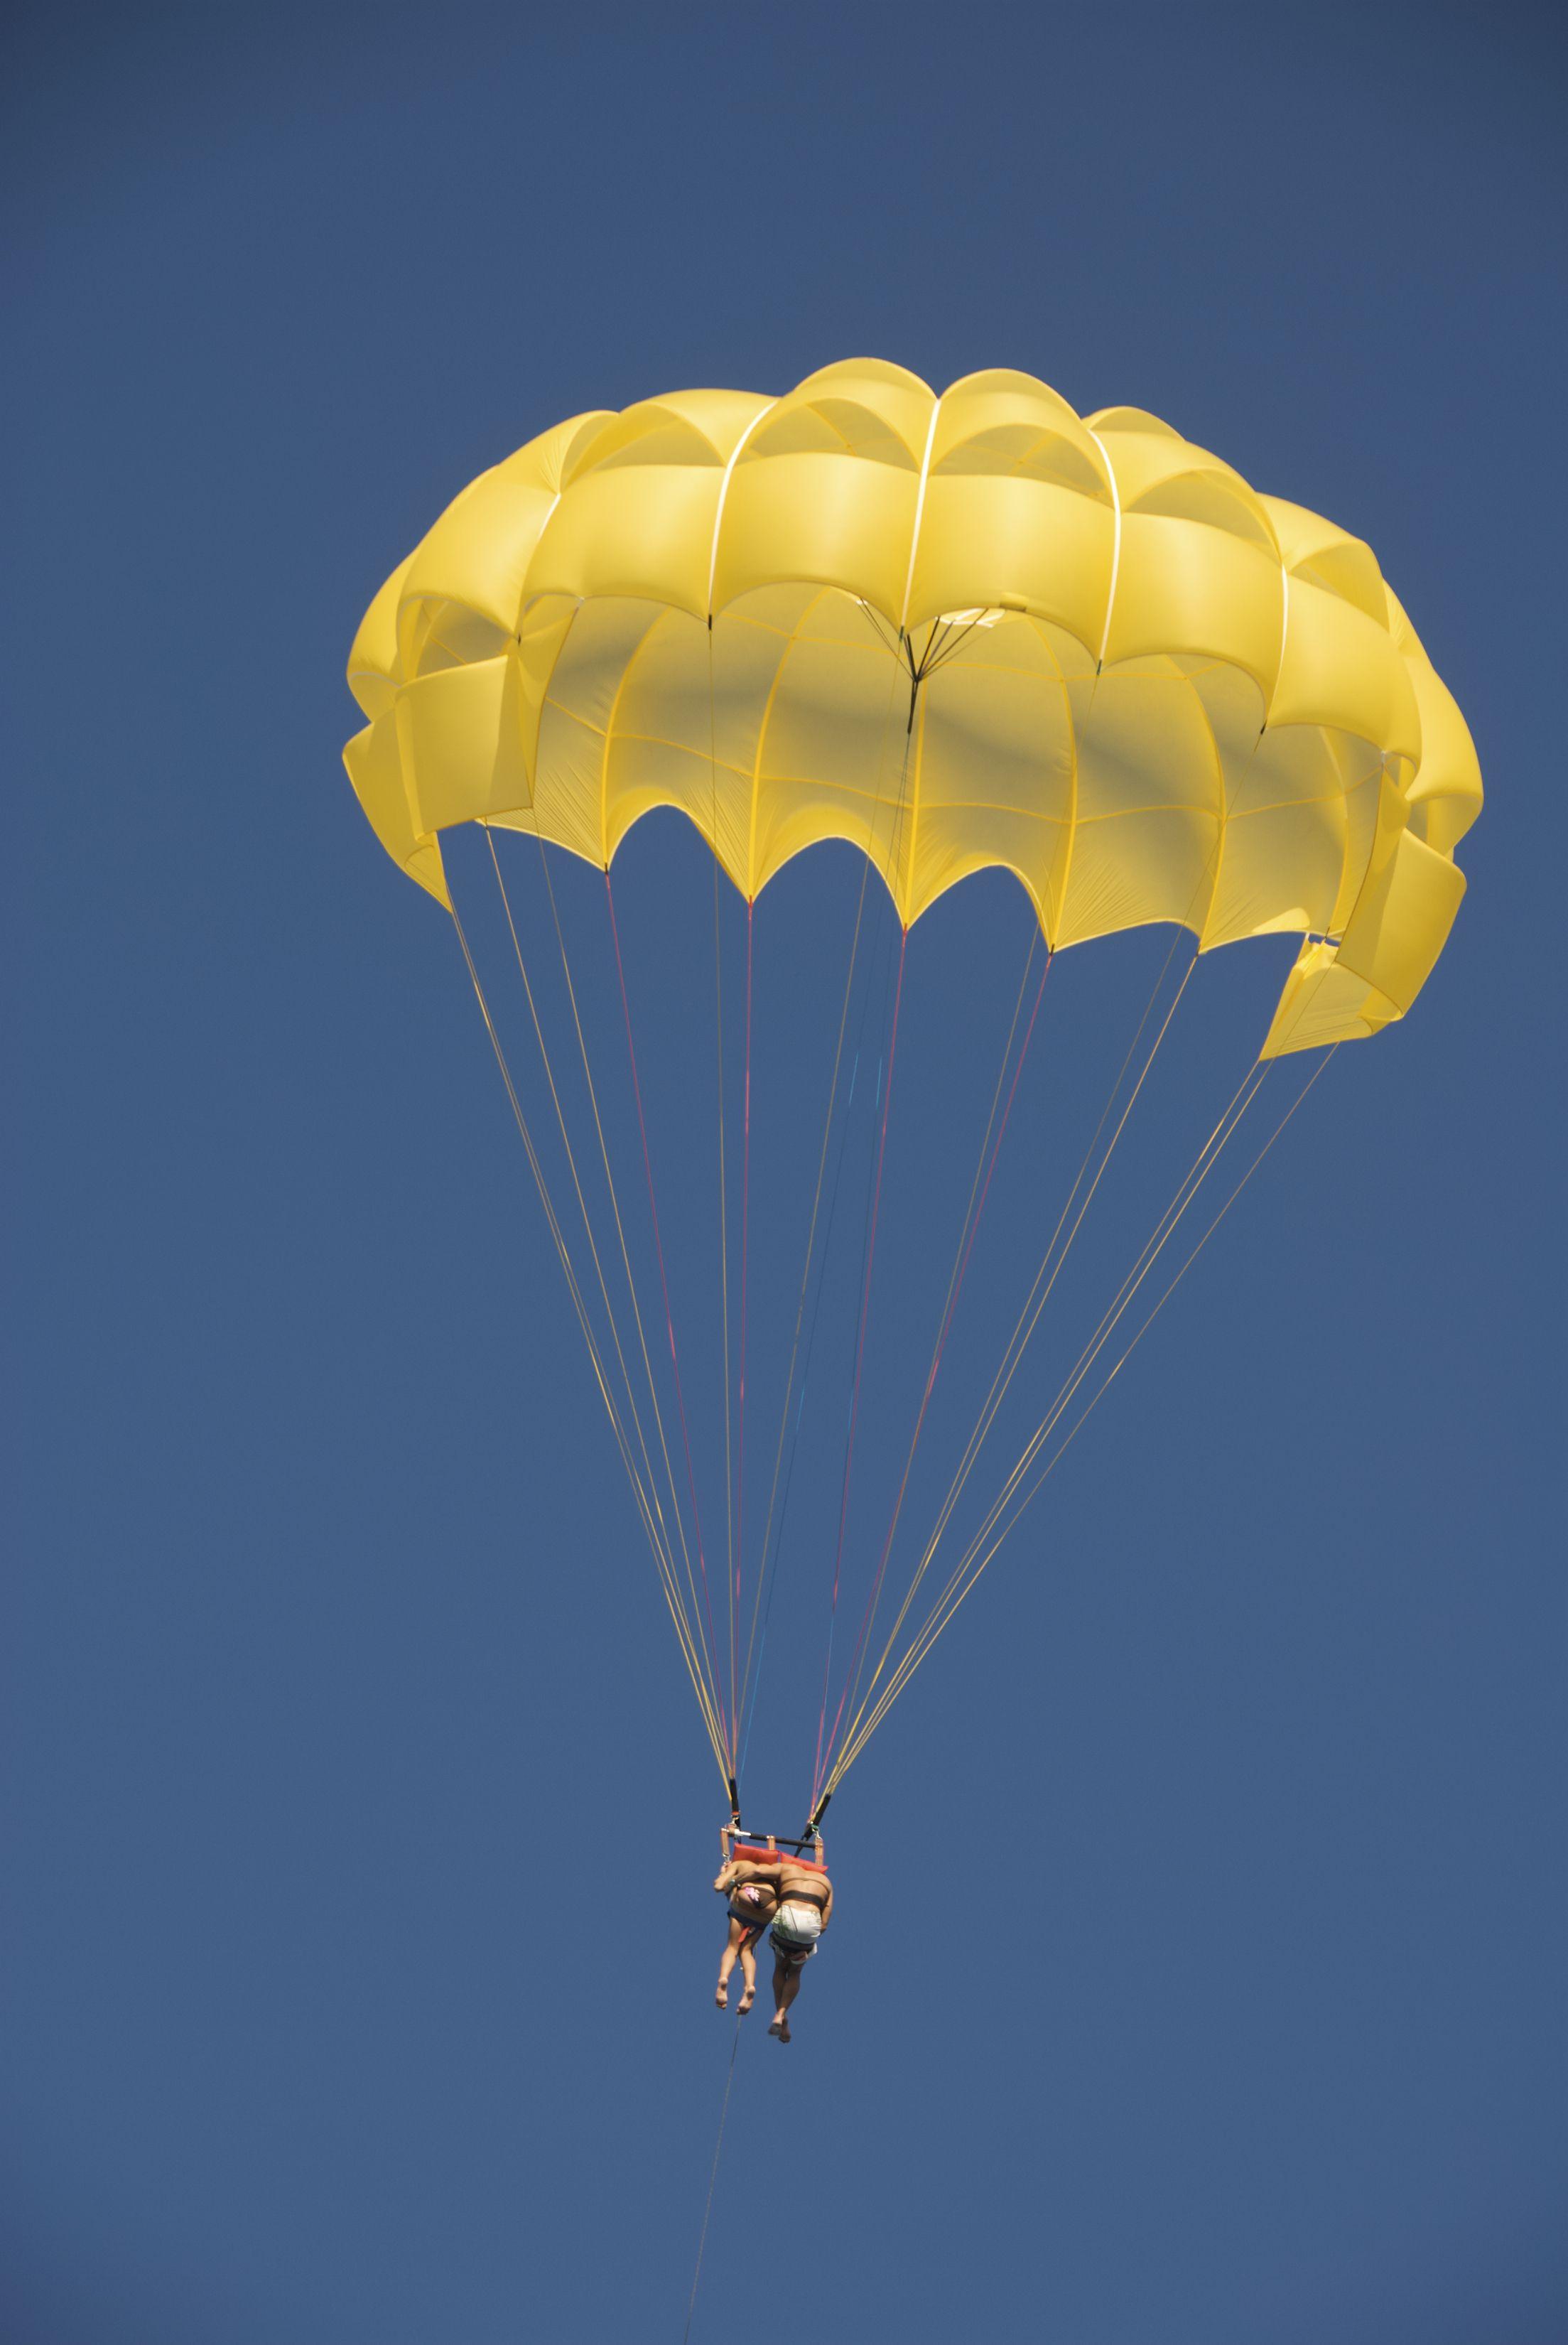 Online Auto Insurance >> Golden Parachute Definition